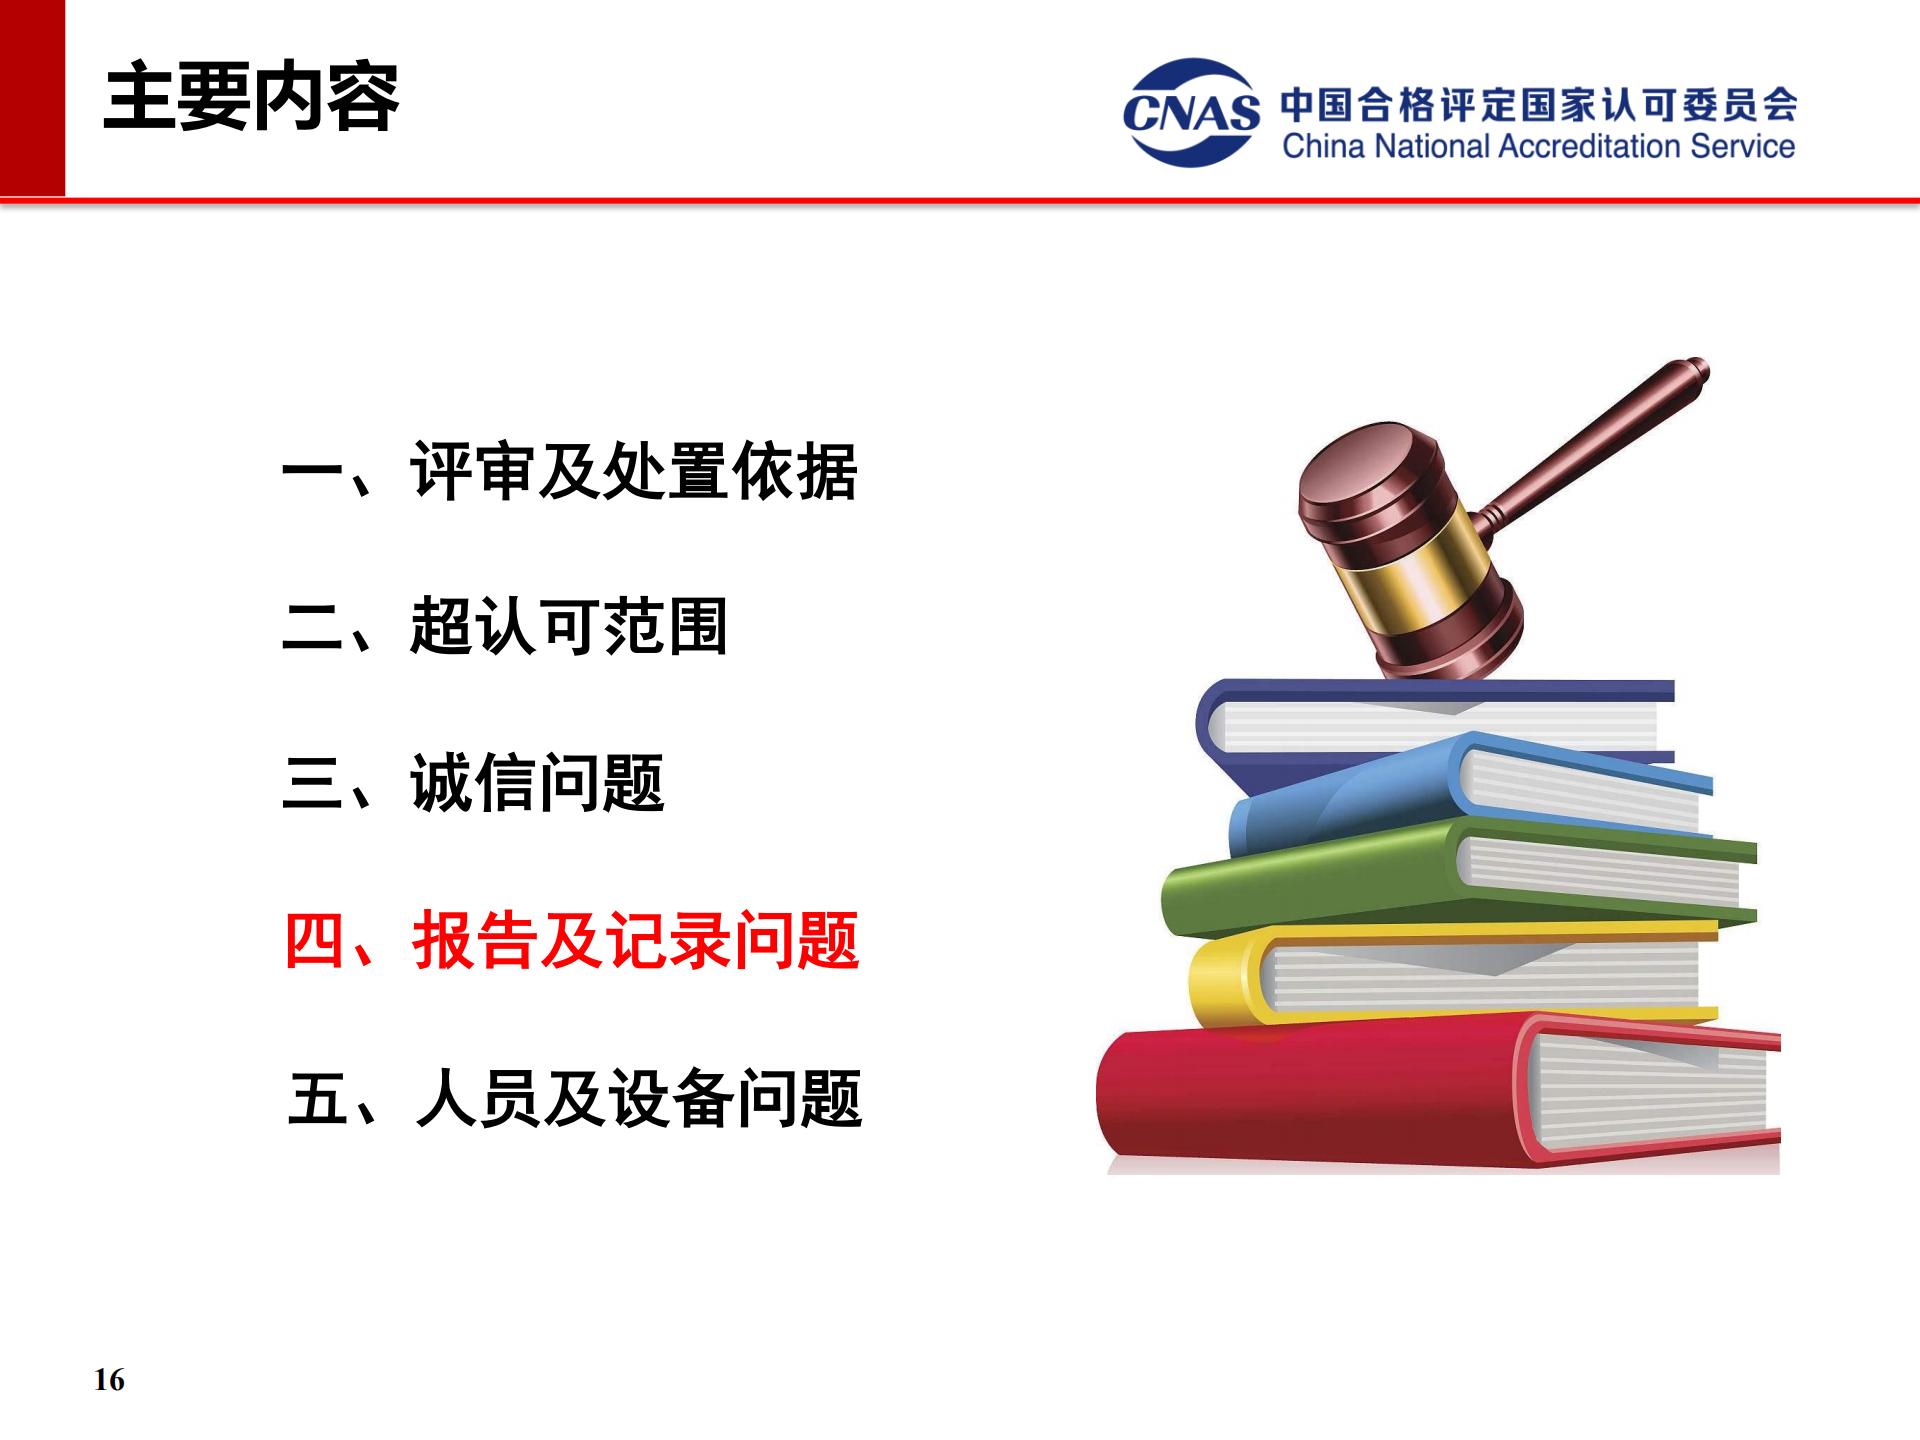 专项监督典型案例(发言人:认可七处 冯涛)_16.png